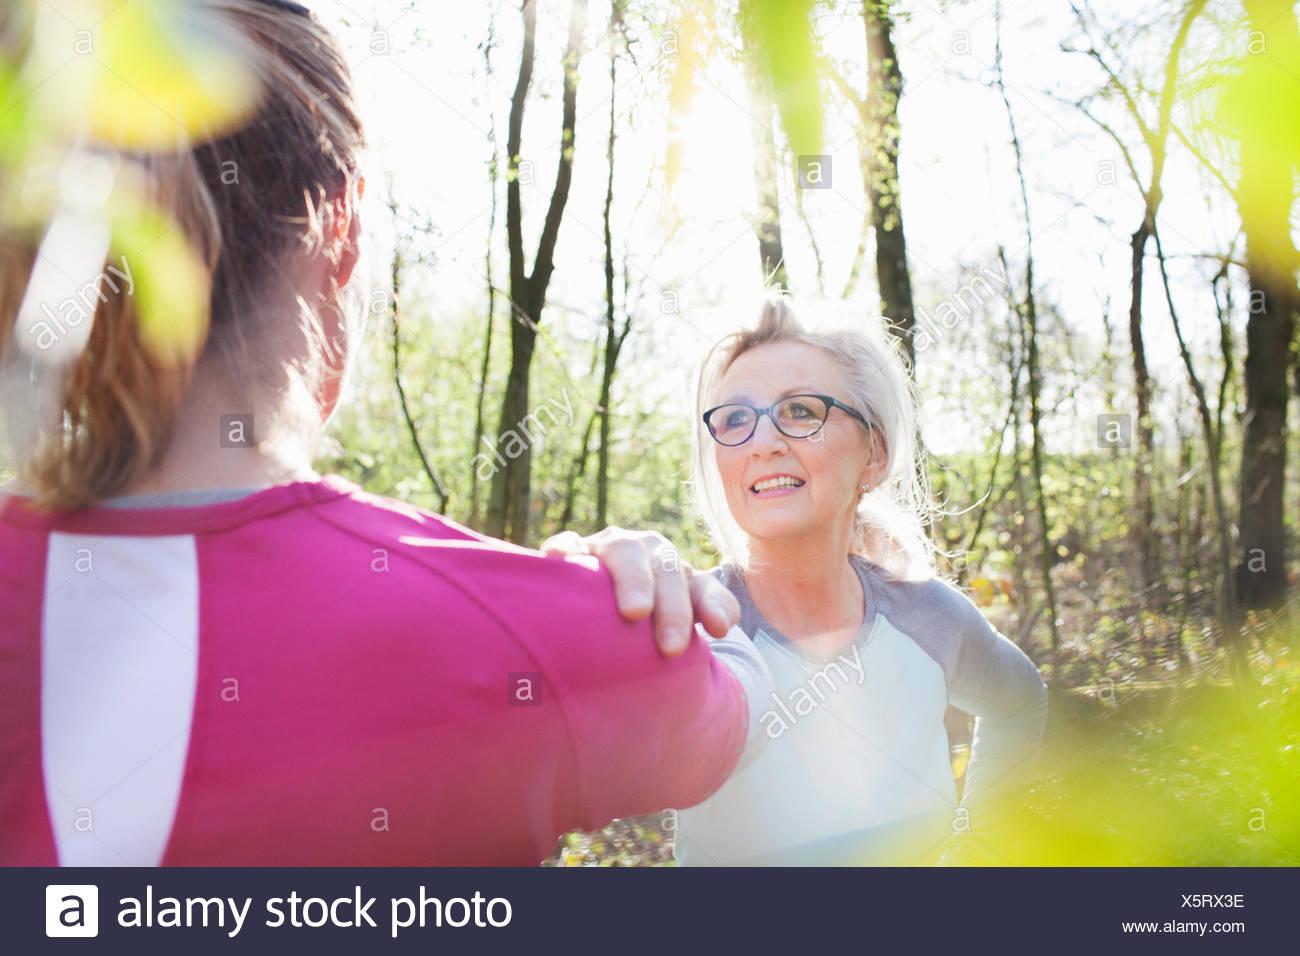 Les femmes en forêt, main sur chaque autres épaules stretching Photo Stock